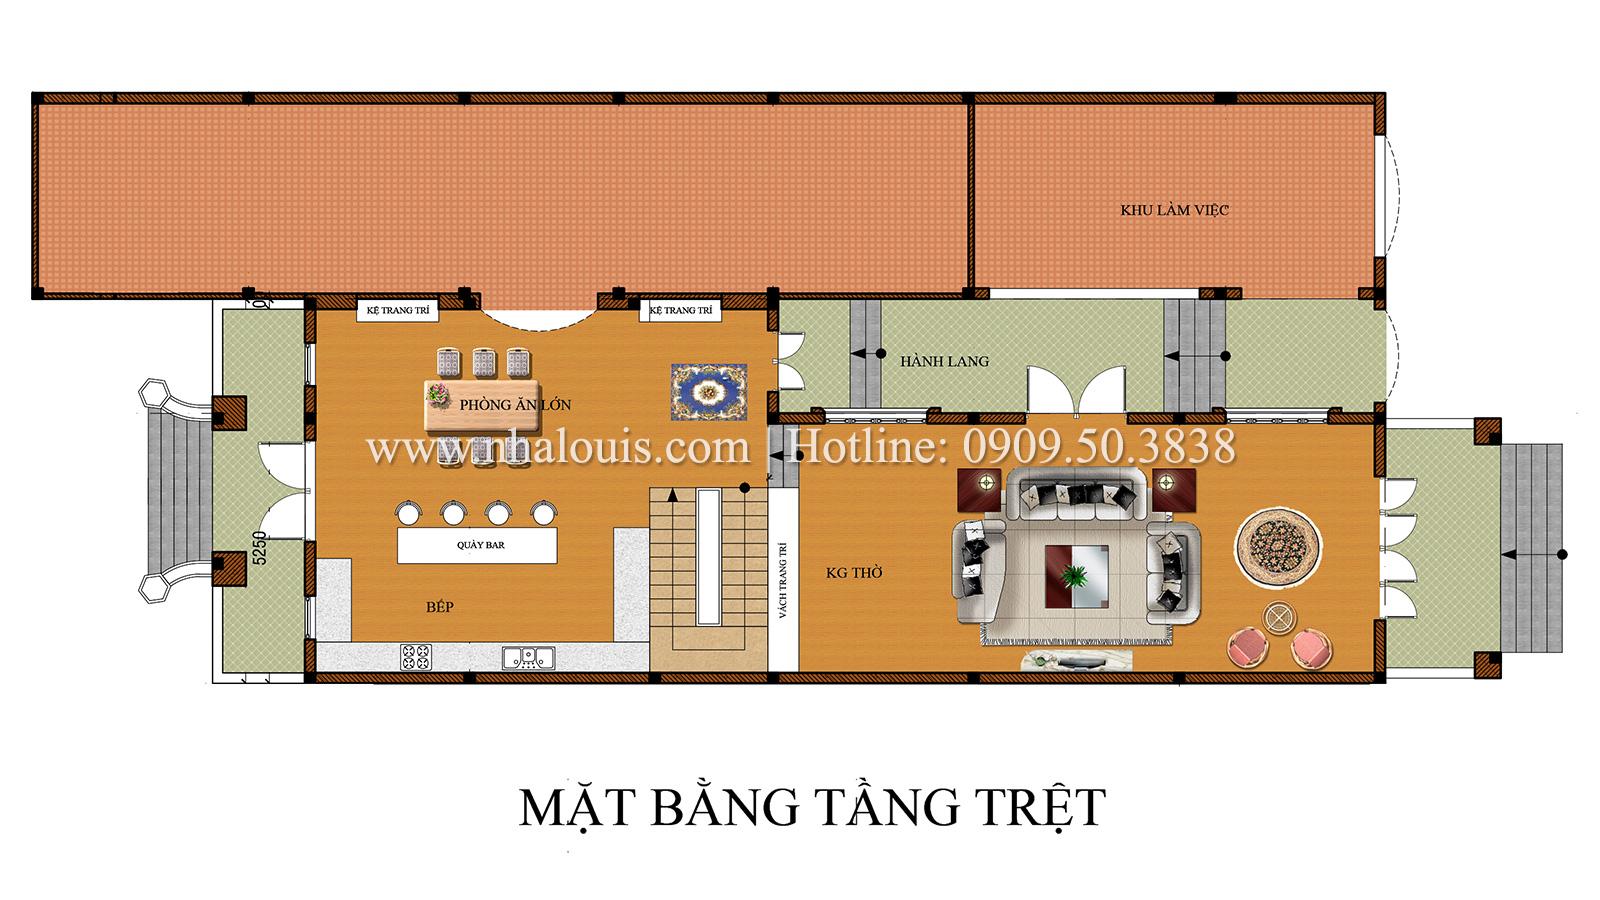 Thiết kế biệt thự cổ điển kết hợp kinh doanh tại Đồng Nai diễm lệ và kiêu sa - 05